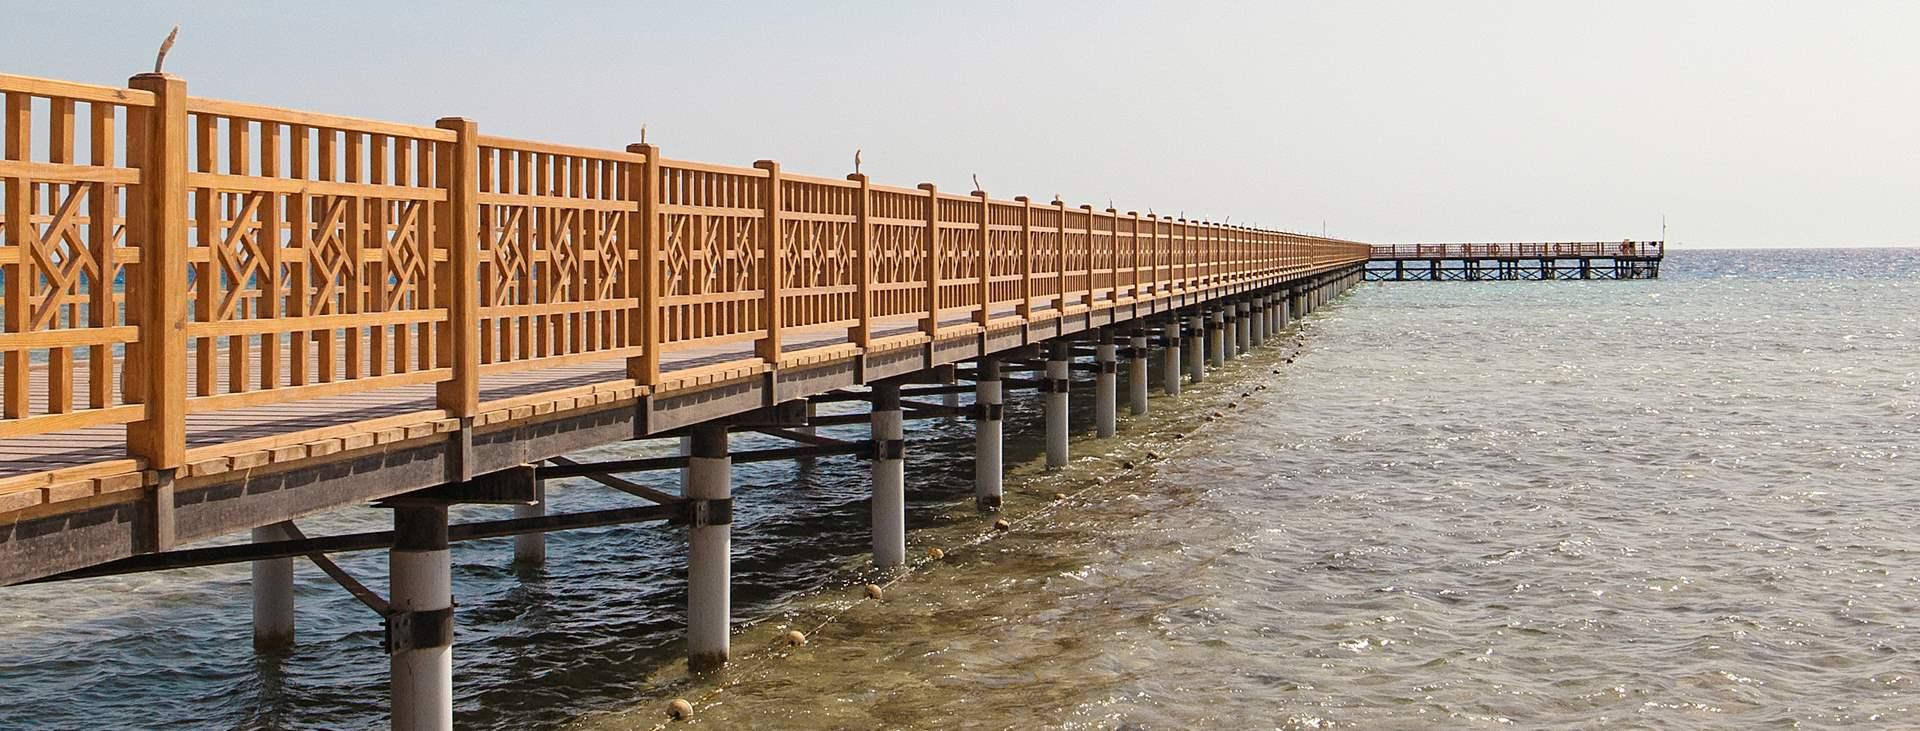 Varaa oma All Inclusive -matkasi Hurghadaan, Egyptiin